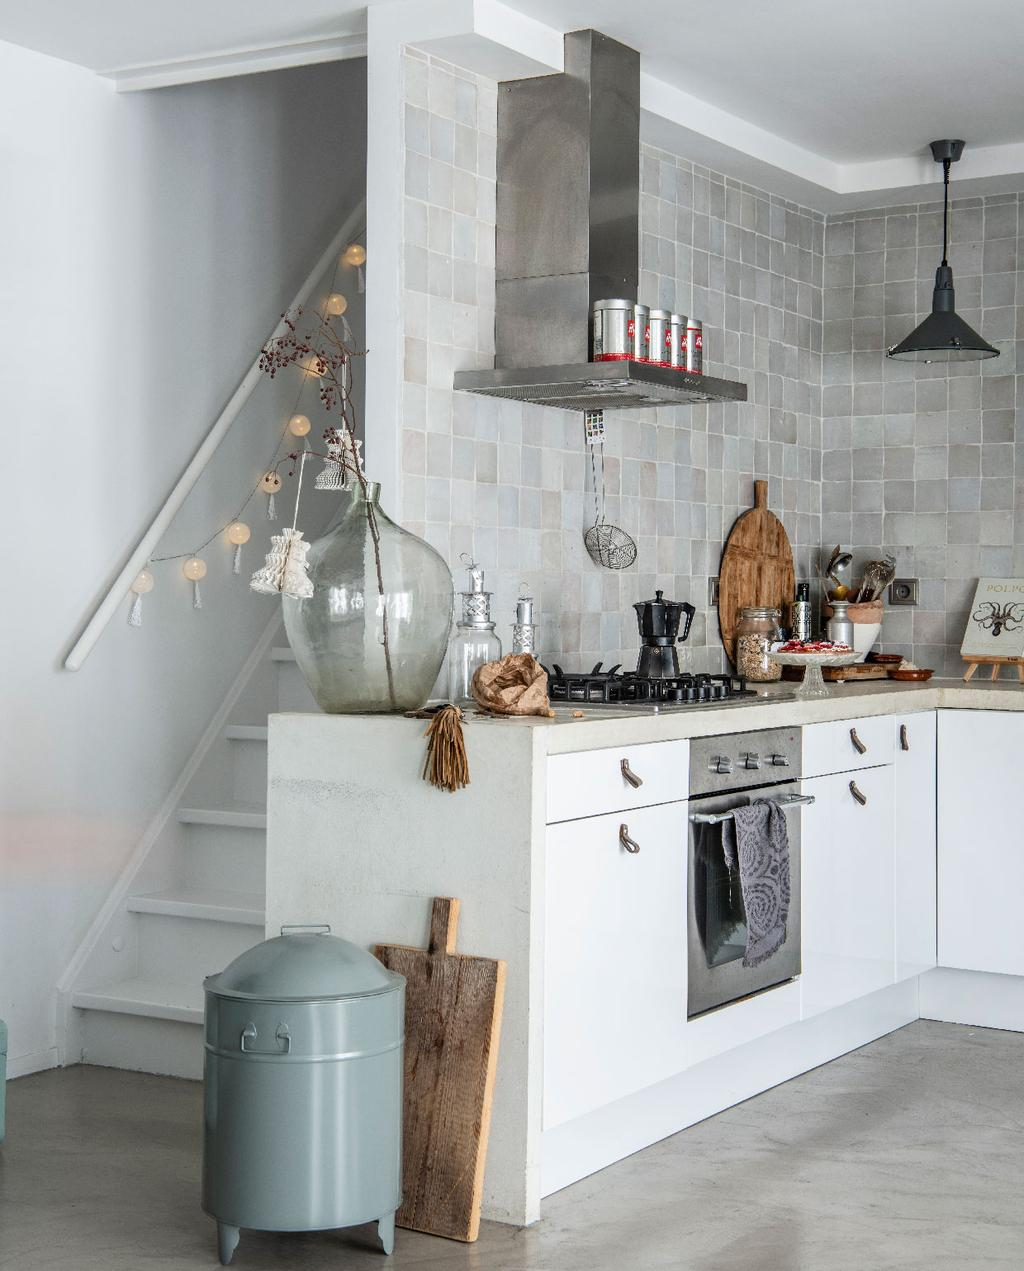 vtwonen 09-2020 | binnenkijken minimalistische woning amsterdam moderne minimalistische keuken betonnen aanrecht